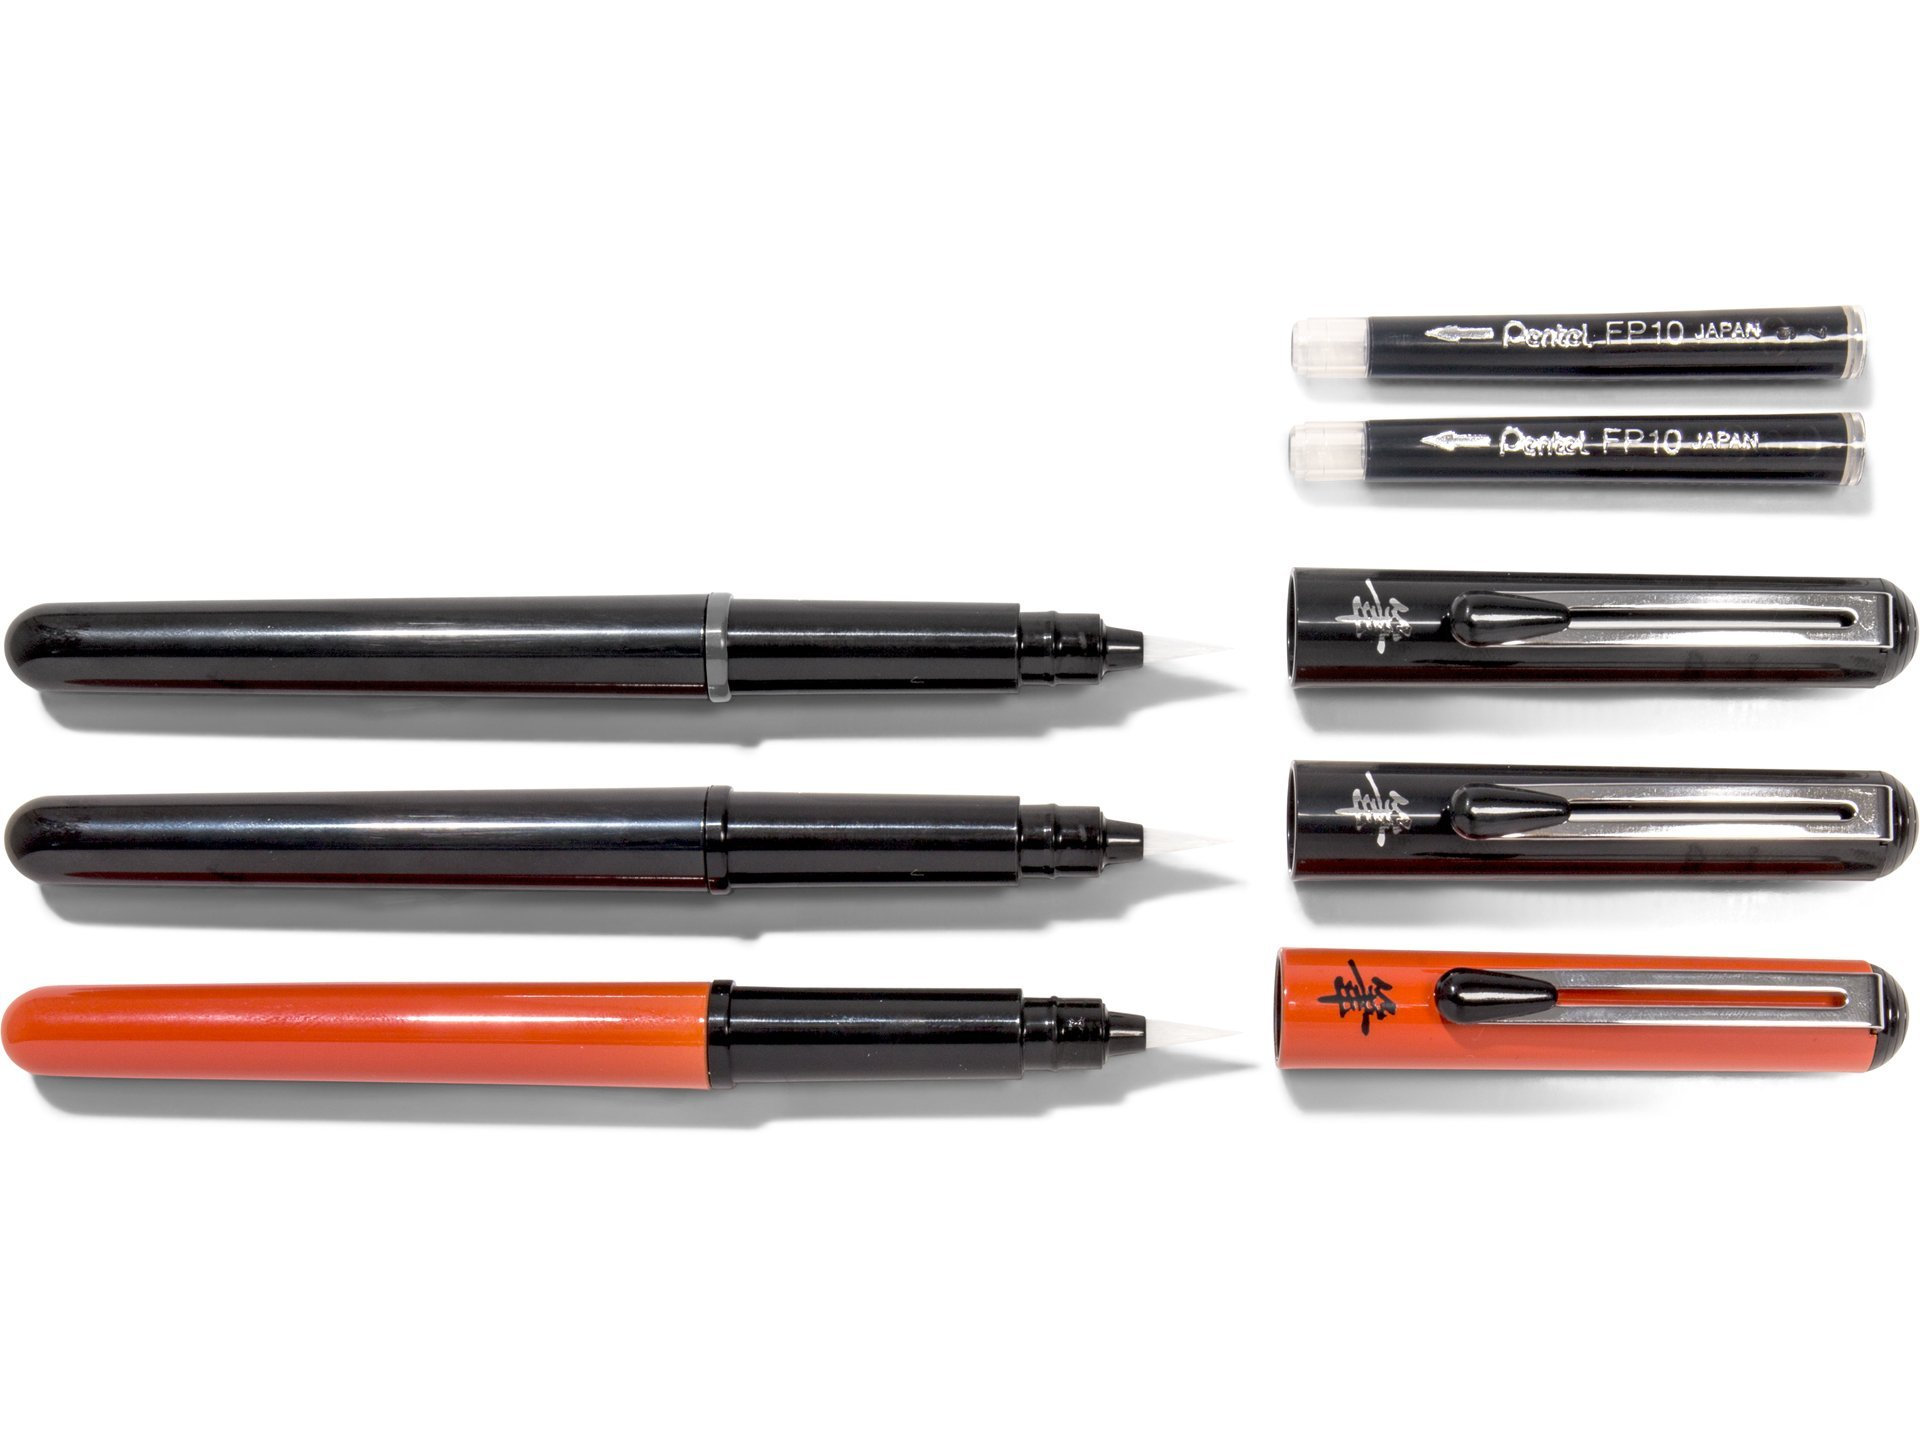 Mark\'s Kugelschreiber Tous les Jours kaufen | Modulor